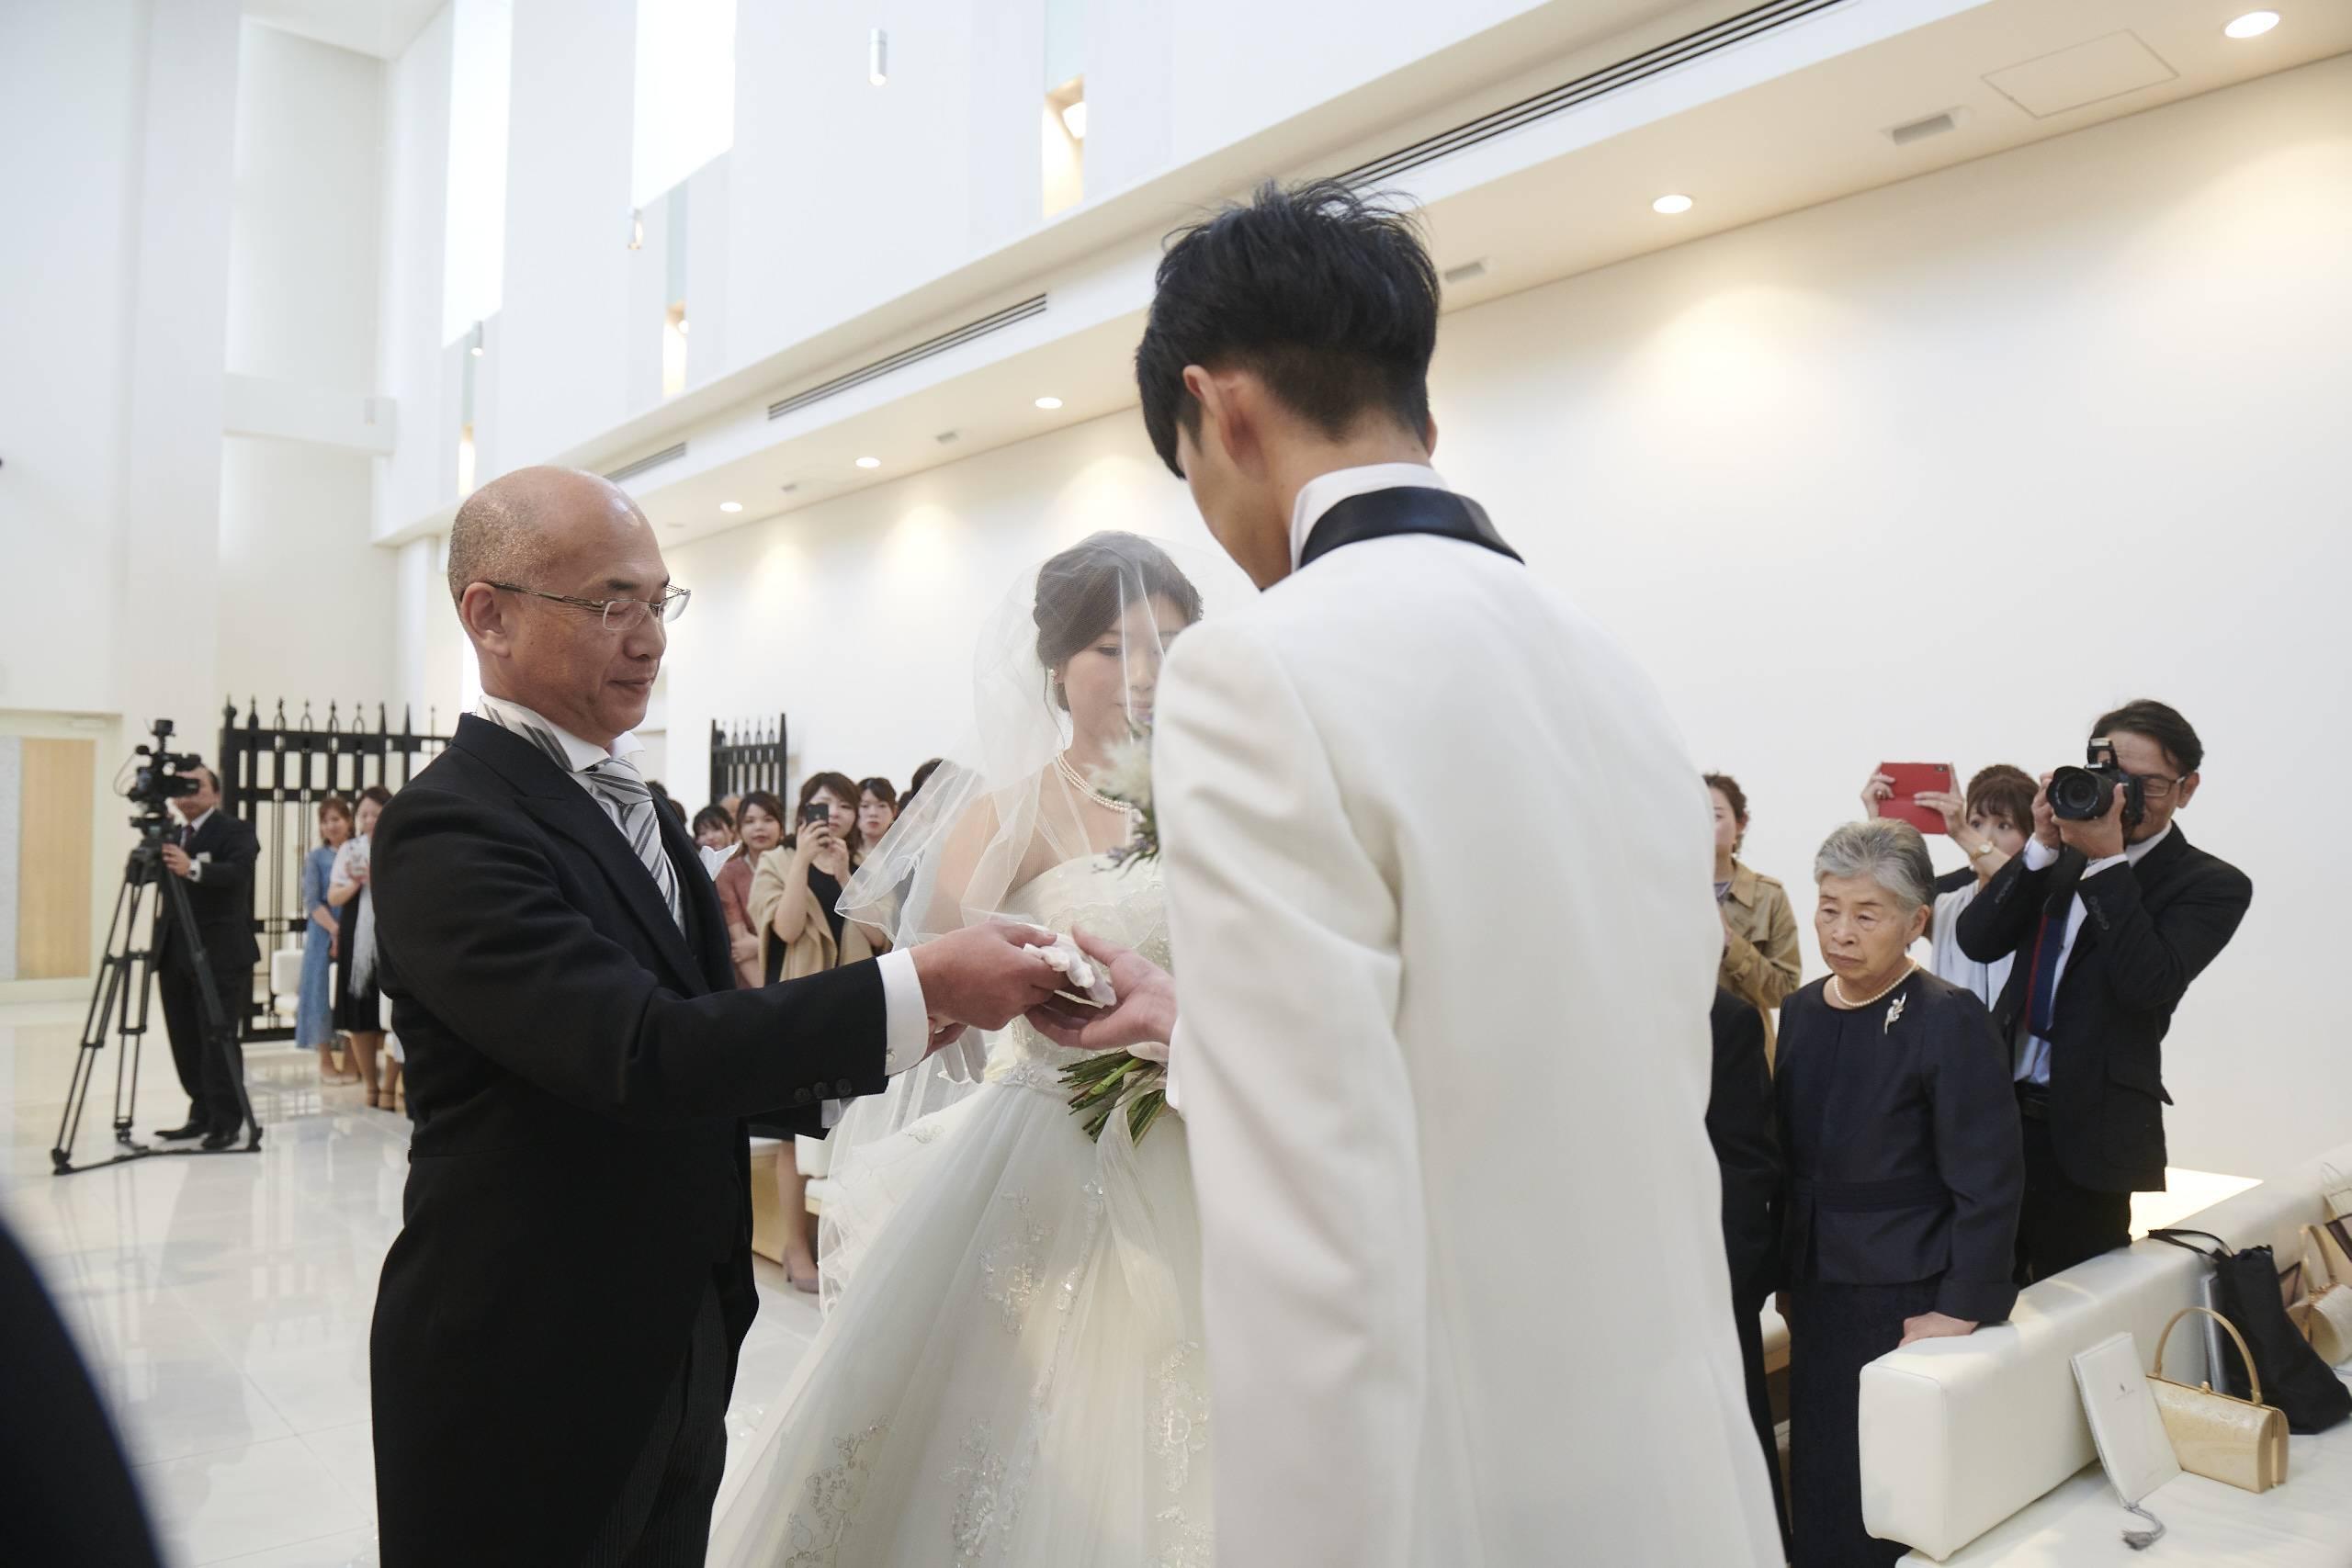 徳島市の結婚式場ブランアンジュで新婦お父様から新郎様へバトンタッチ